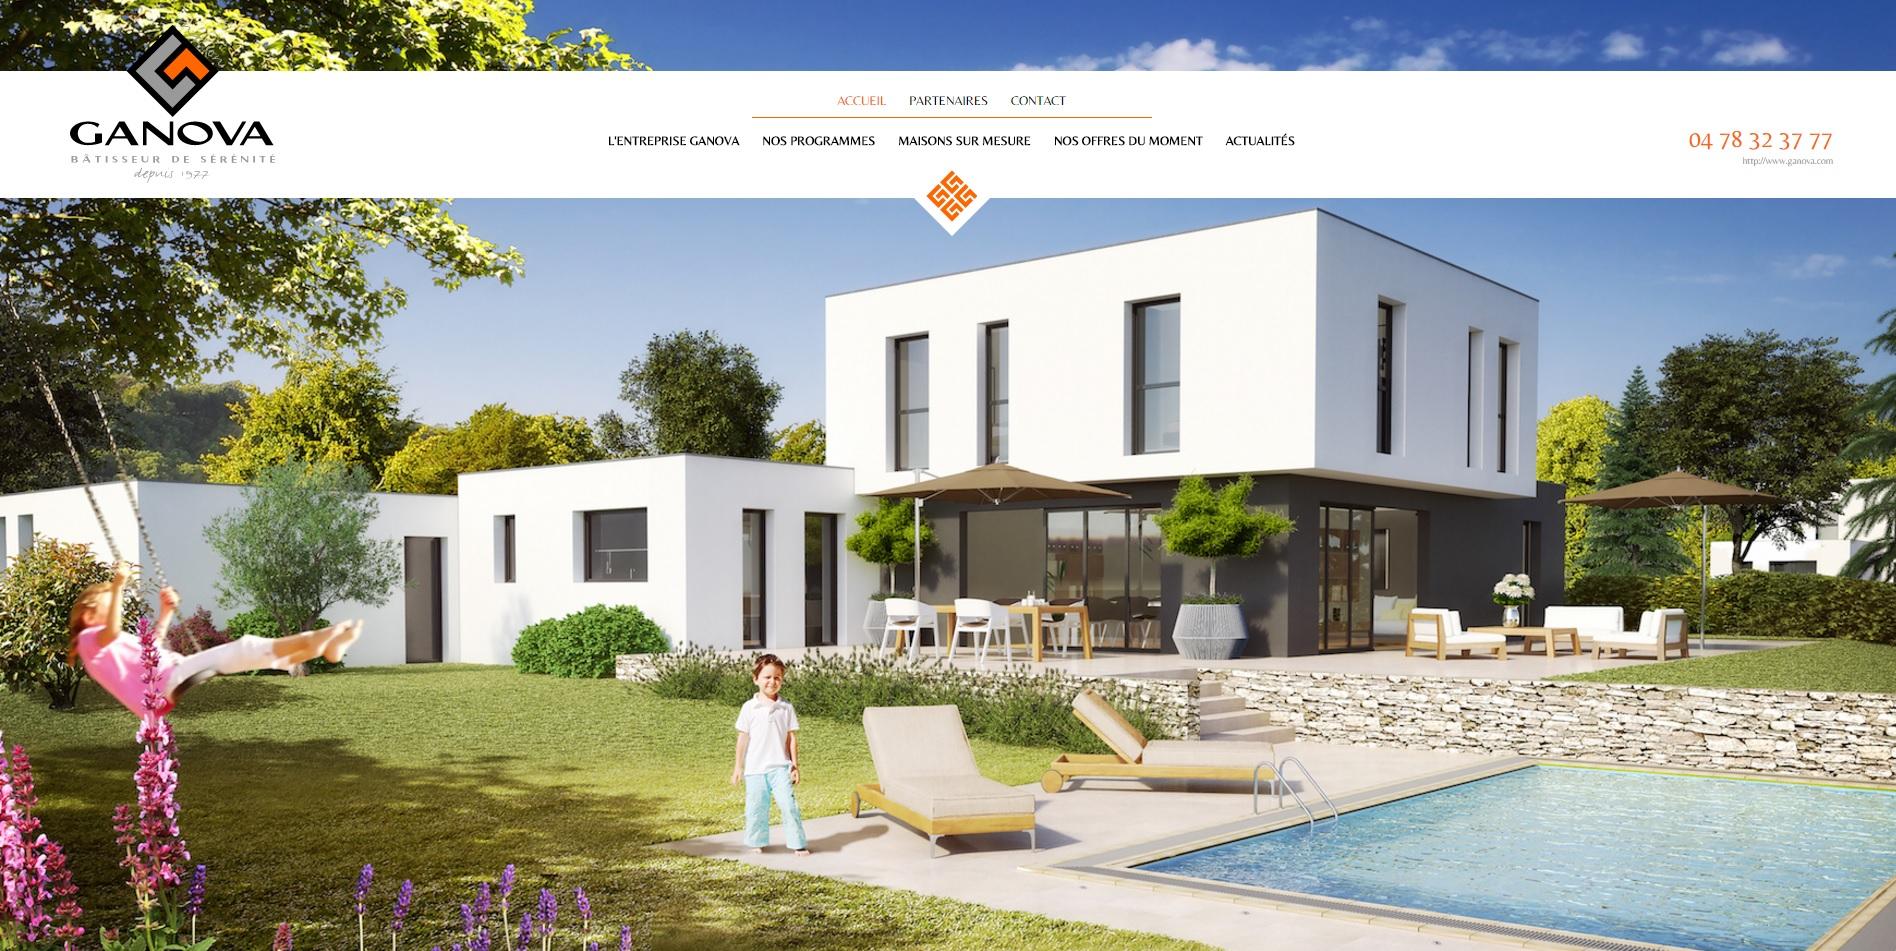 Constructeur de villas individuelles en is re ganova for Constructeur de maison individuelle en isere